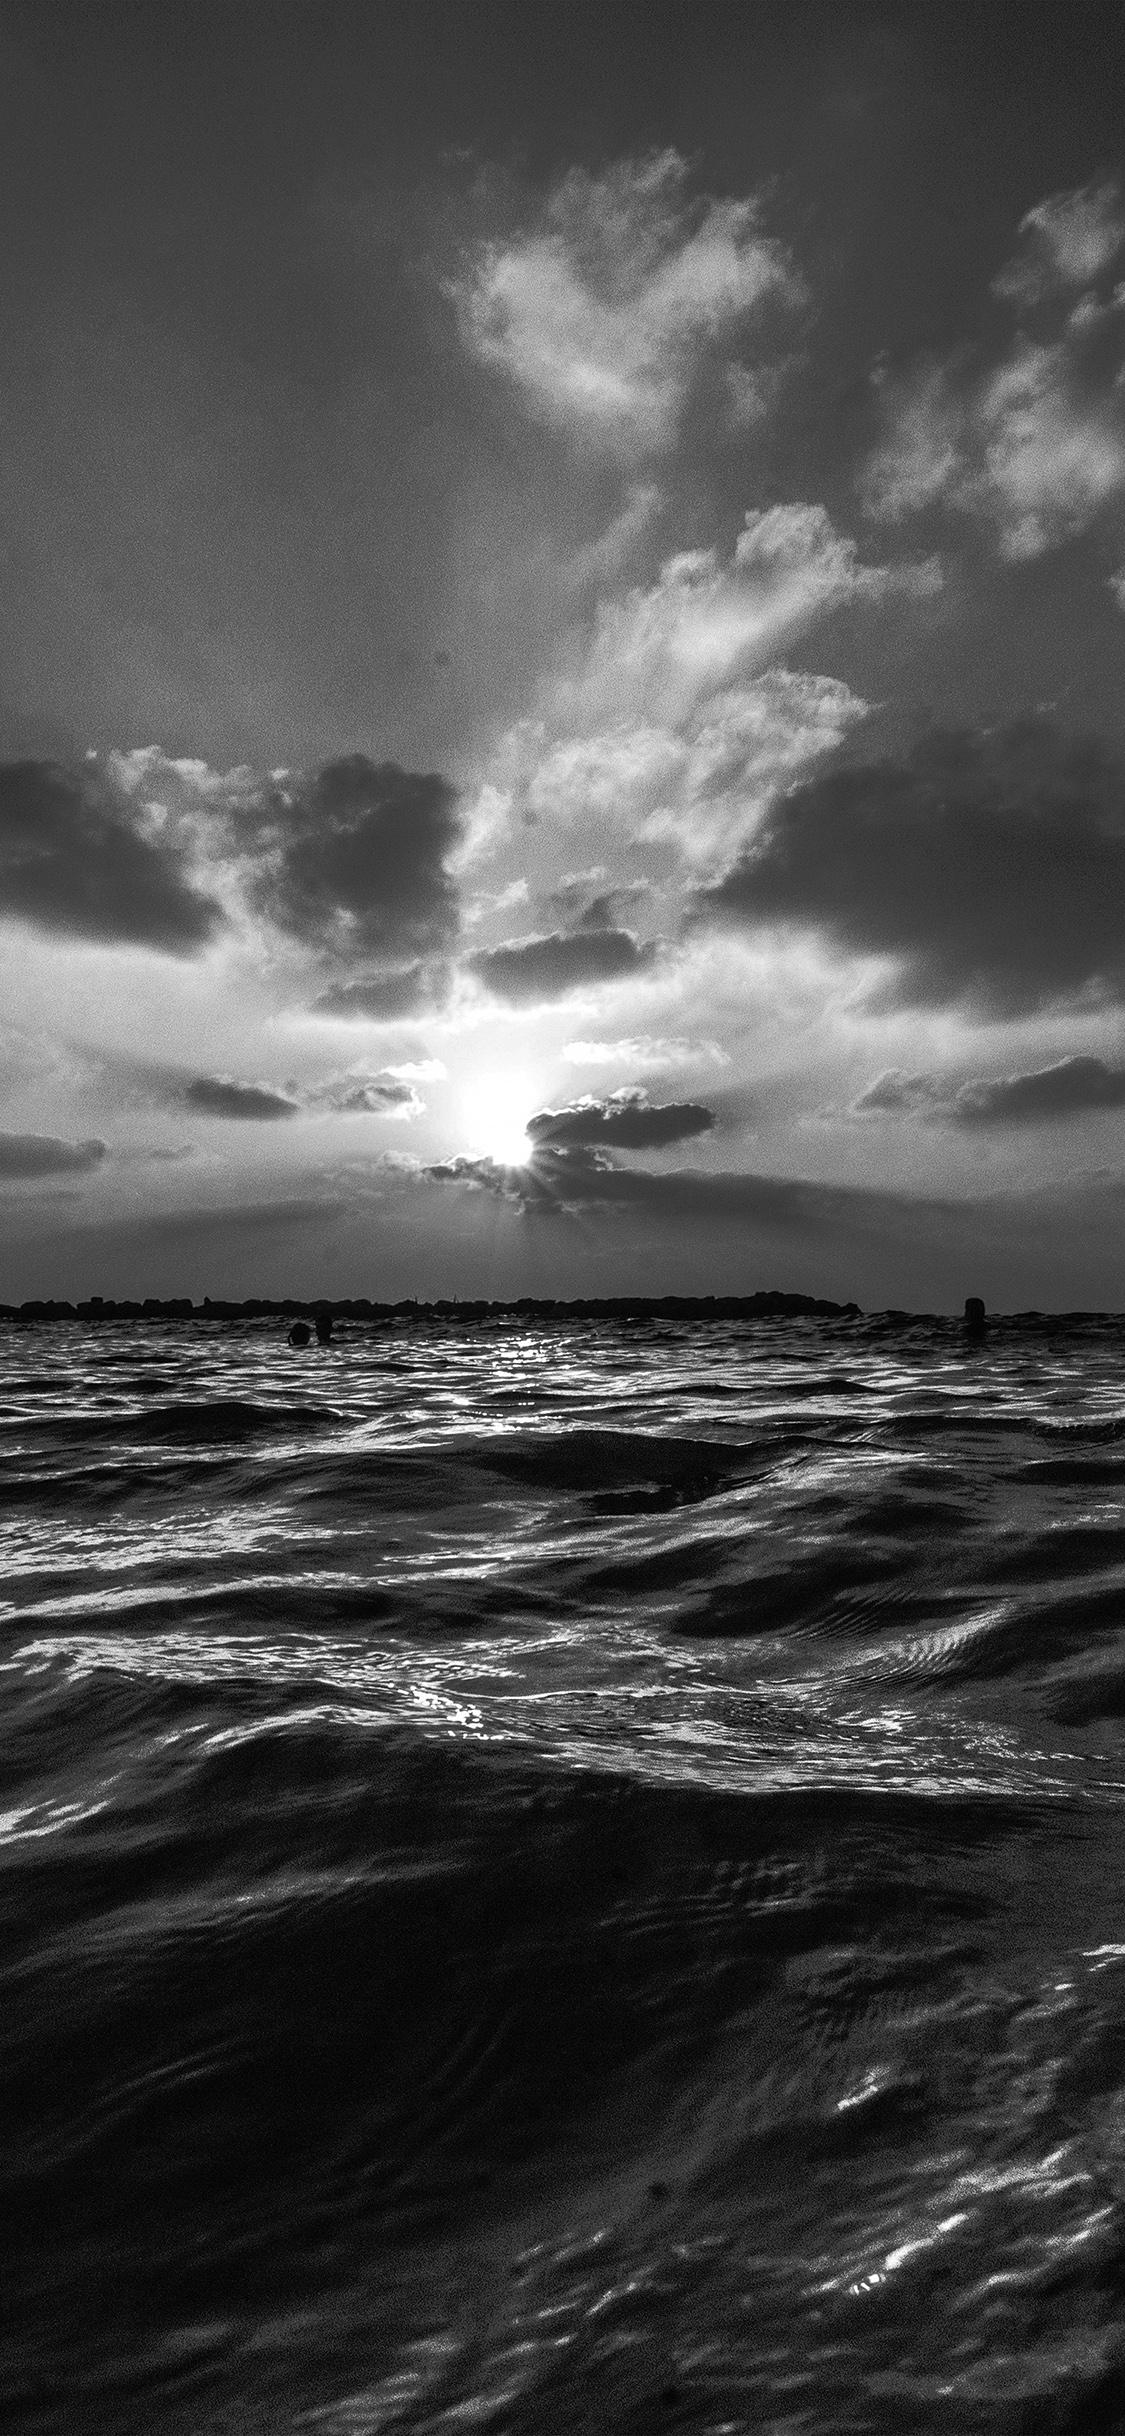 Summer Iphone Wallpaper Nf45 Sunset Sea Sky Ocean Summer Dark Bw Water Nature